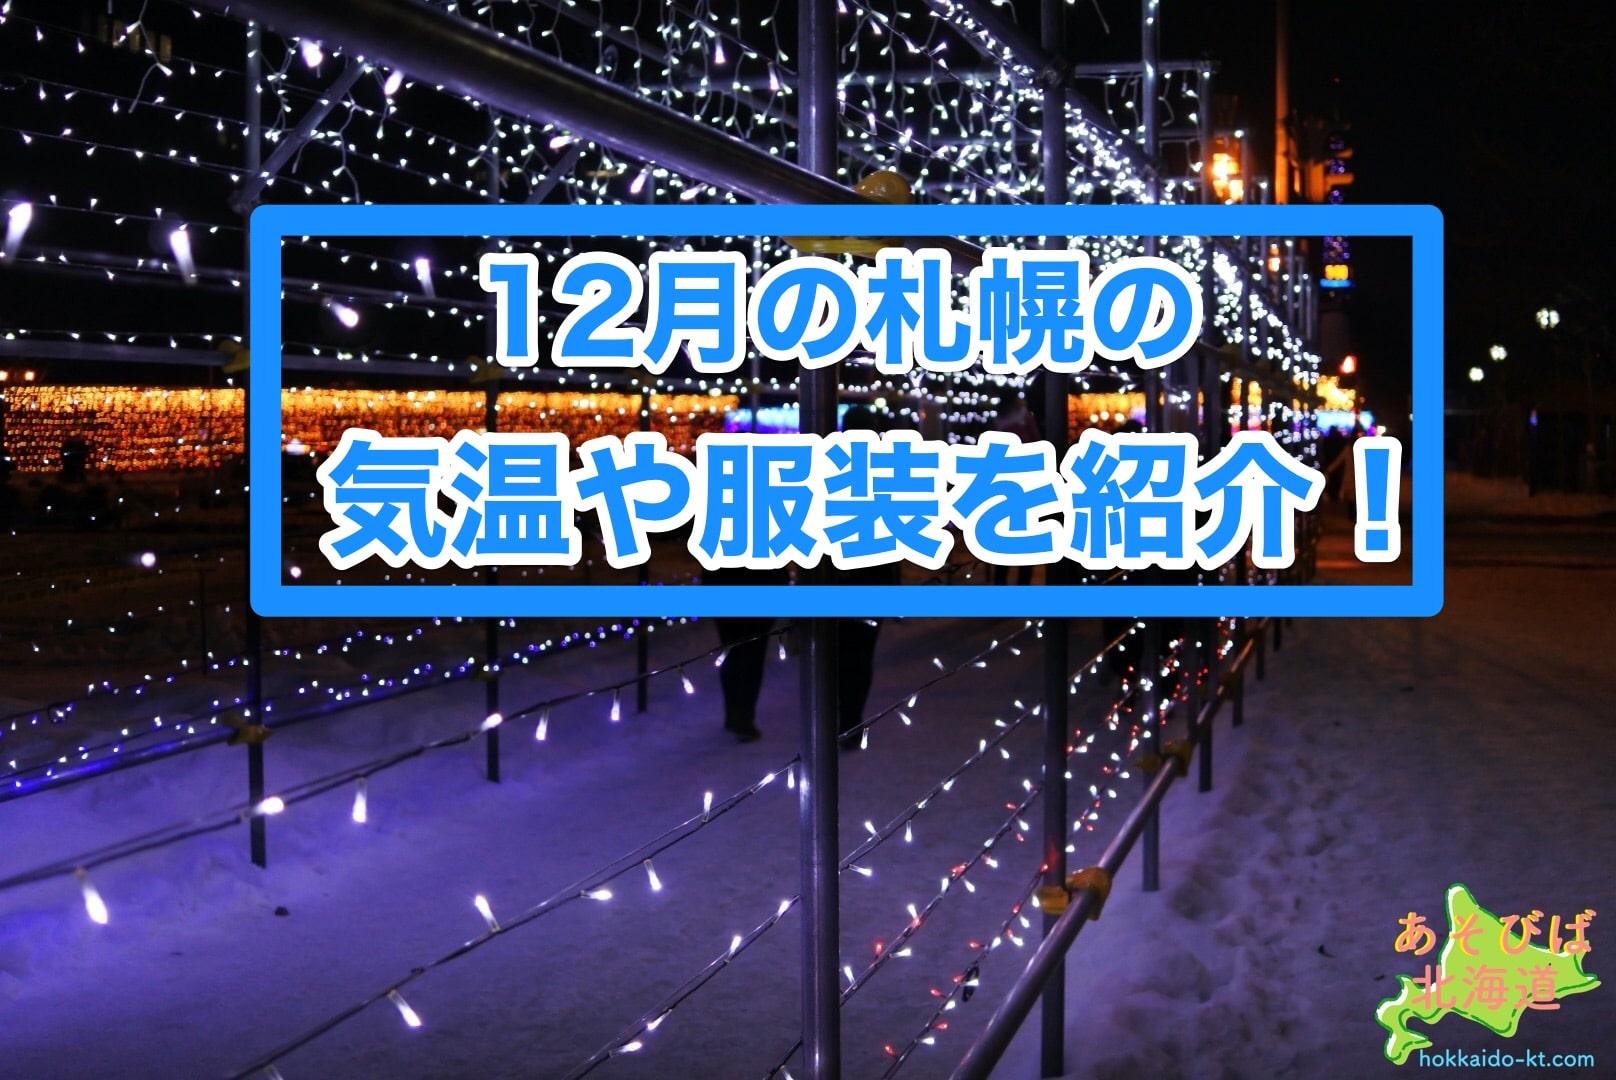 12月の札幌の気温や服装を紹介